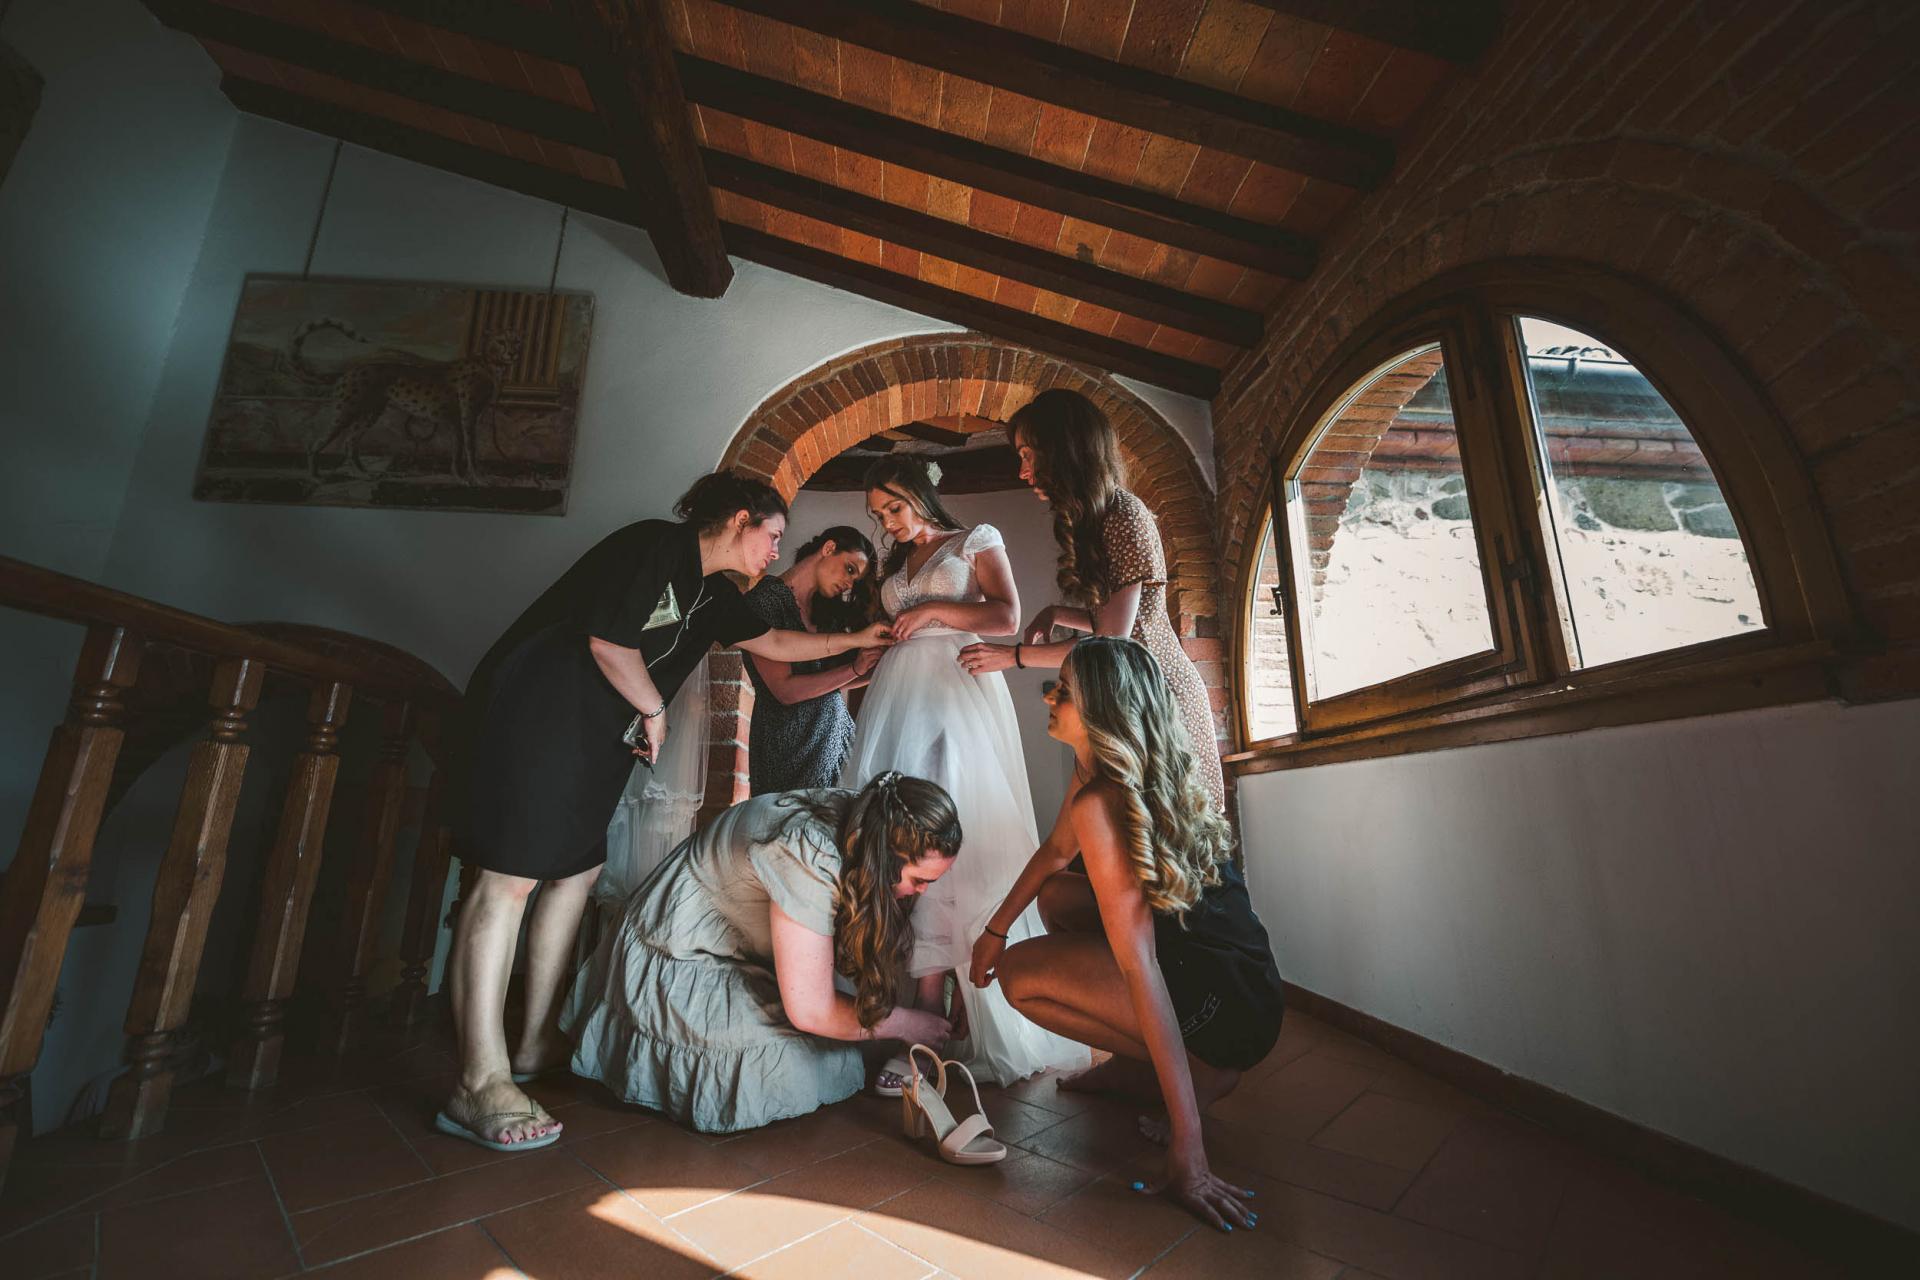 Photographie de mariage en Toscane, Italie | Les amies des mariées tourbillonnent